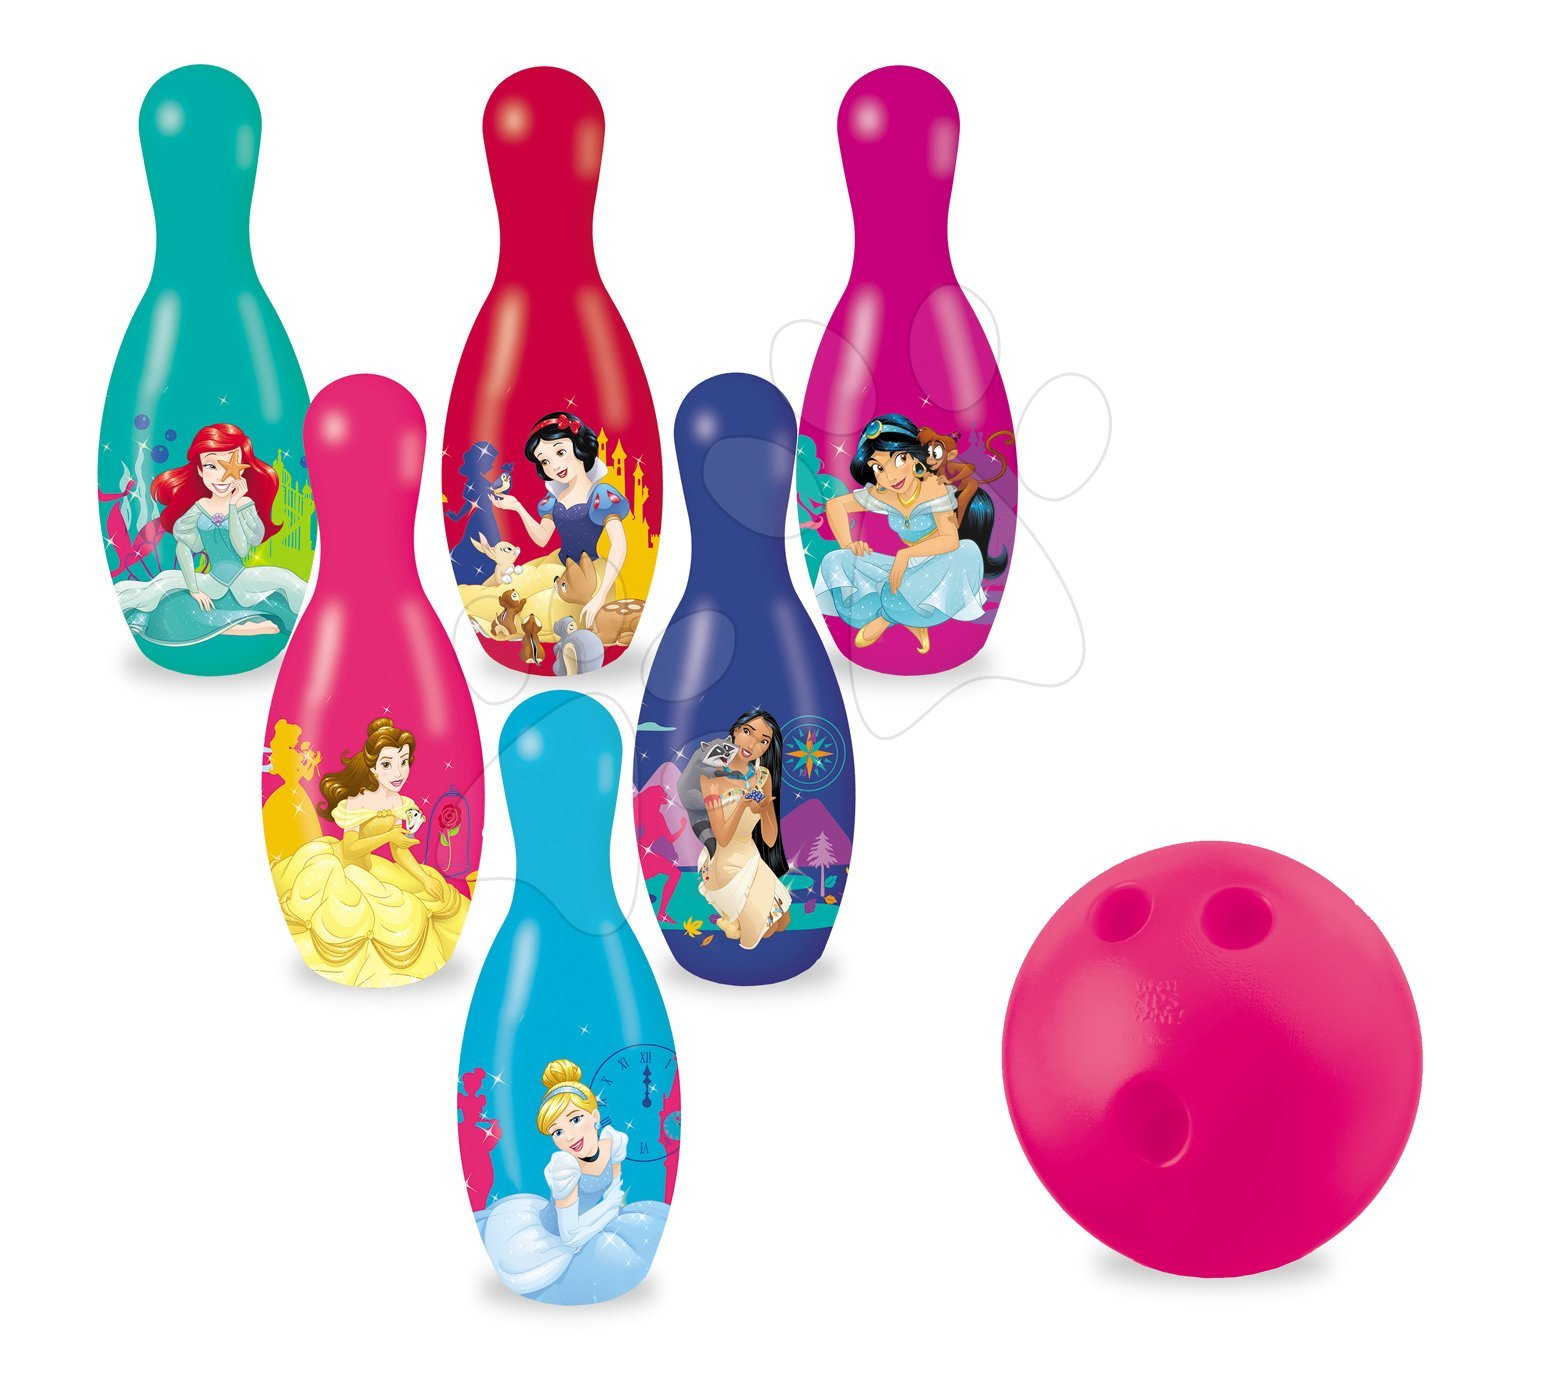 Popice Prinţesele Mondo (20 cm înălţime) cu 6 figurine